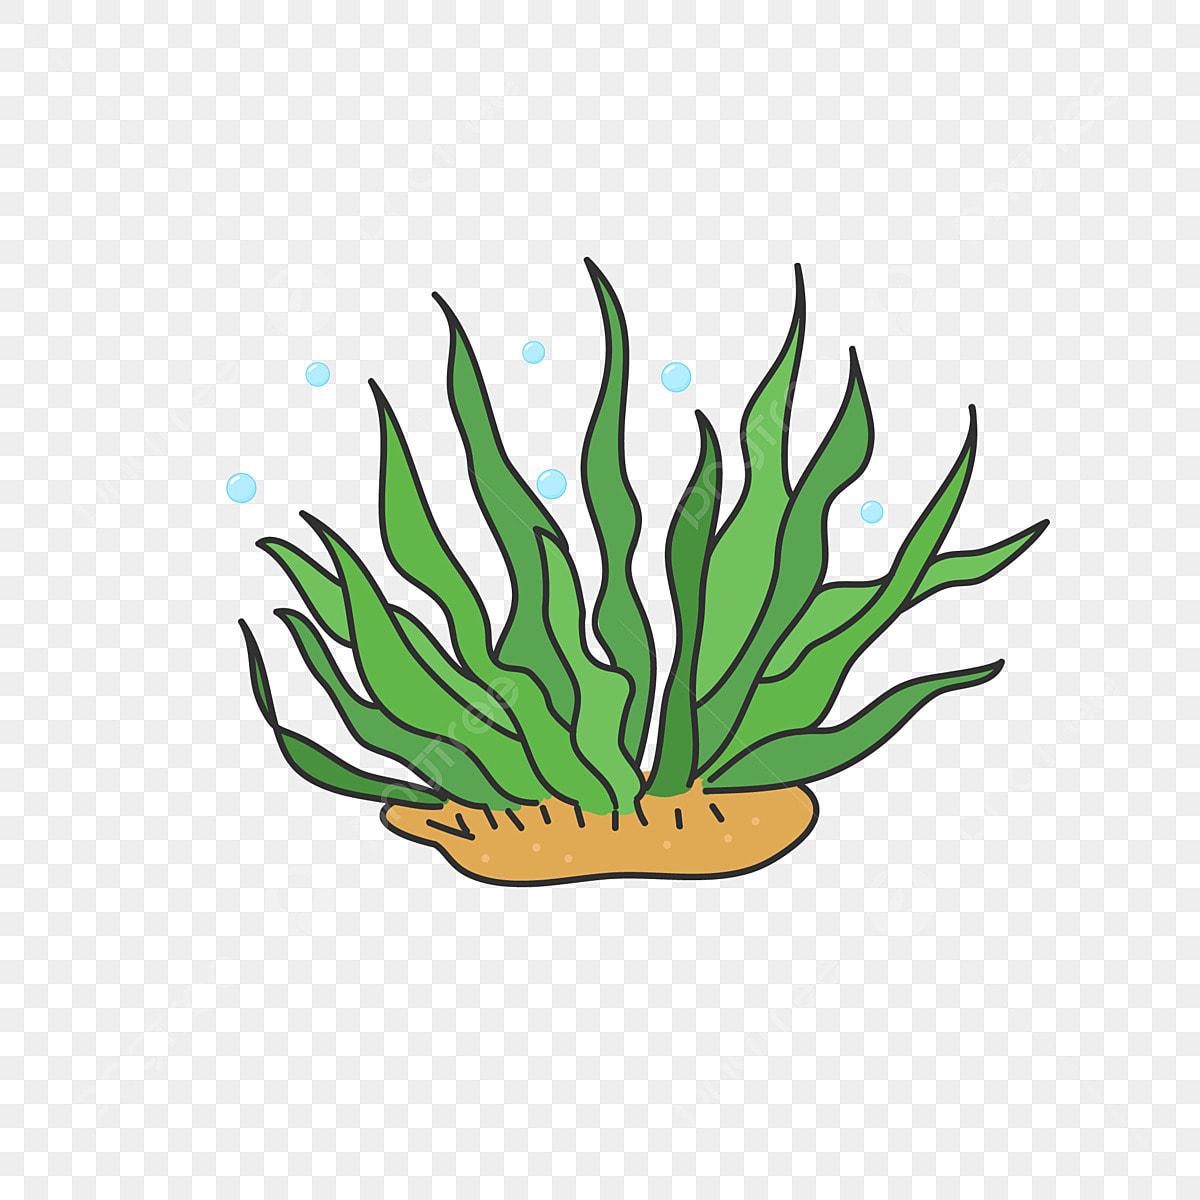 dessin anim u00e9 de main dessin u00e9 des algues mer plante